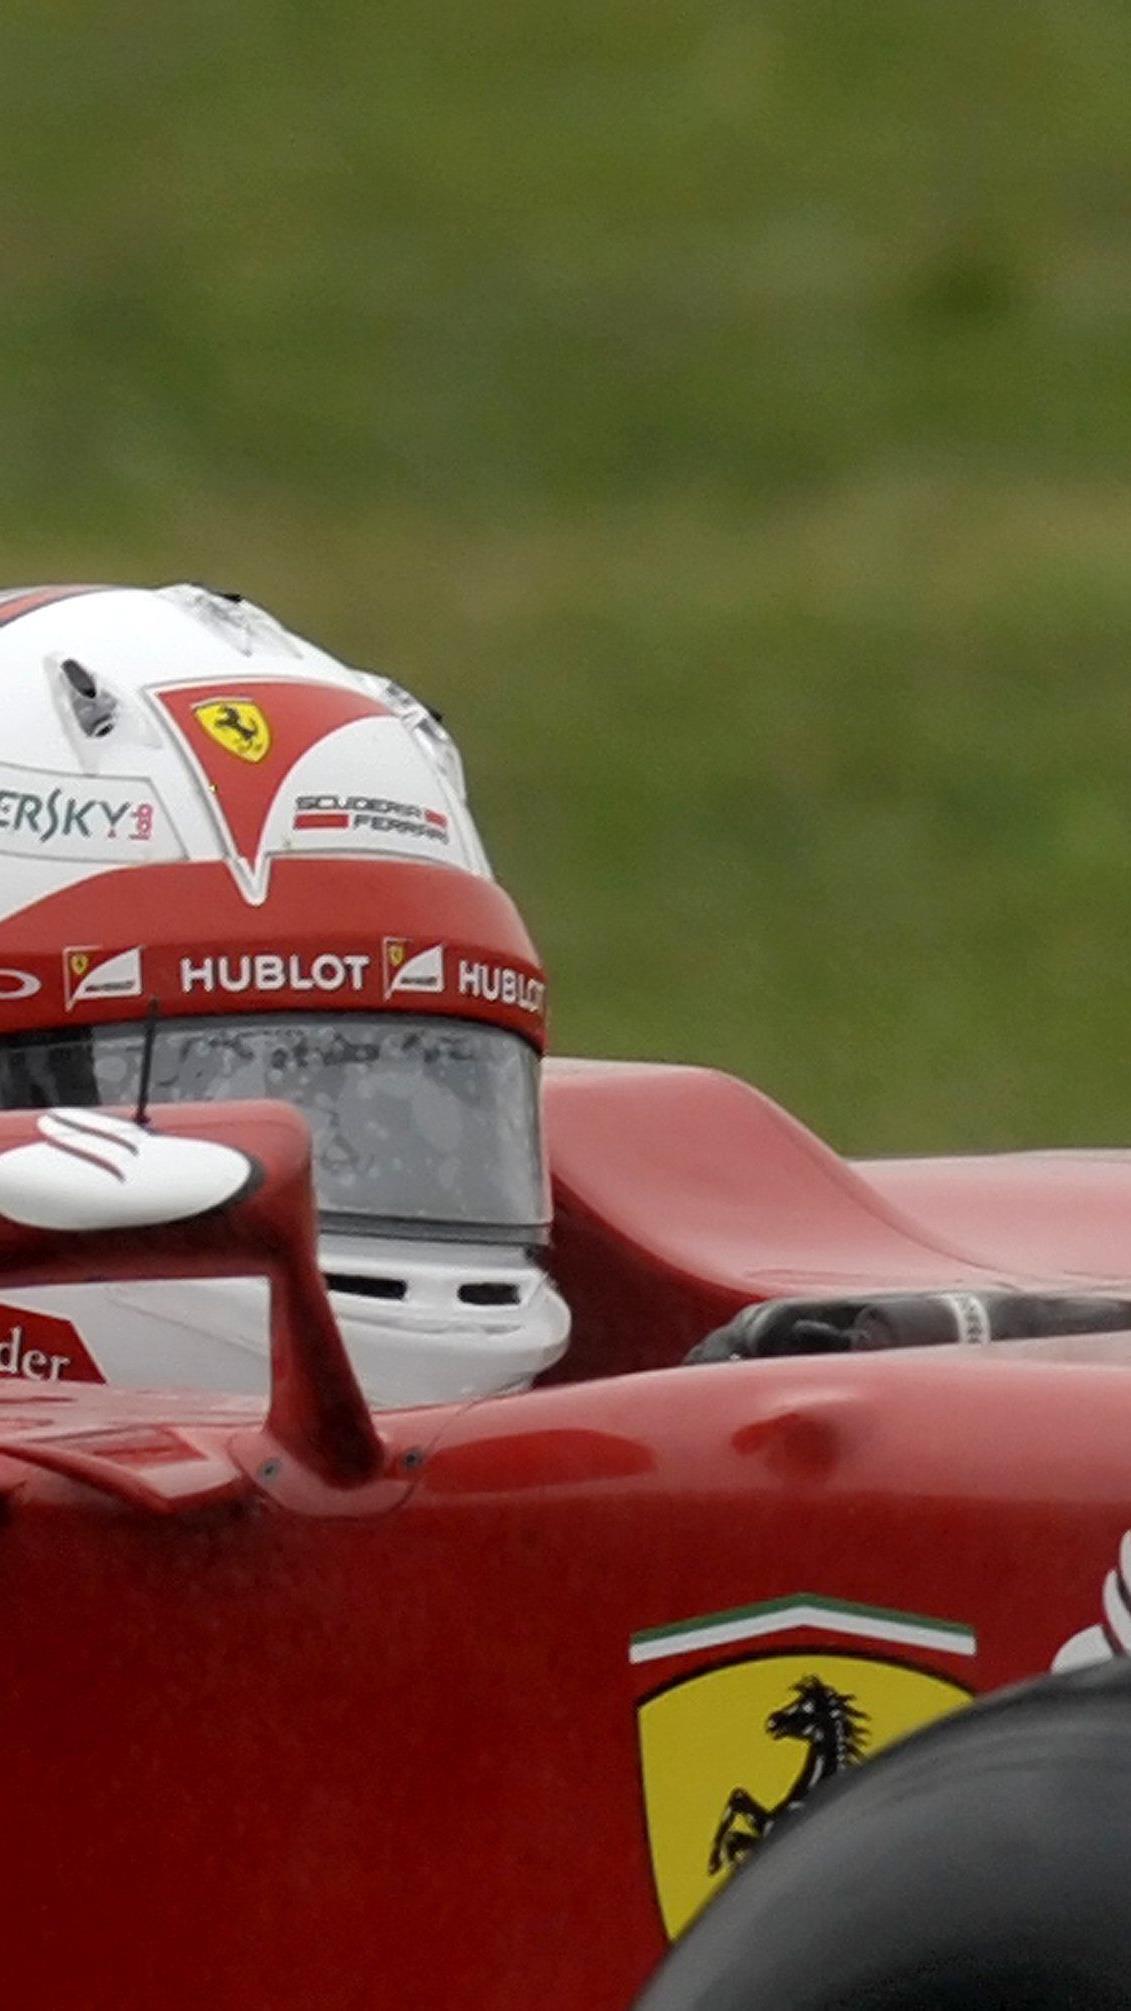 Vettel drehte seine ersten Runden für die Scuderia in einem Ferrari von 2012.